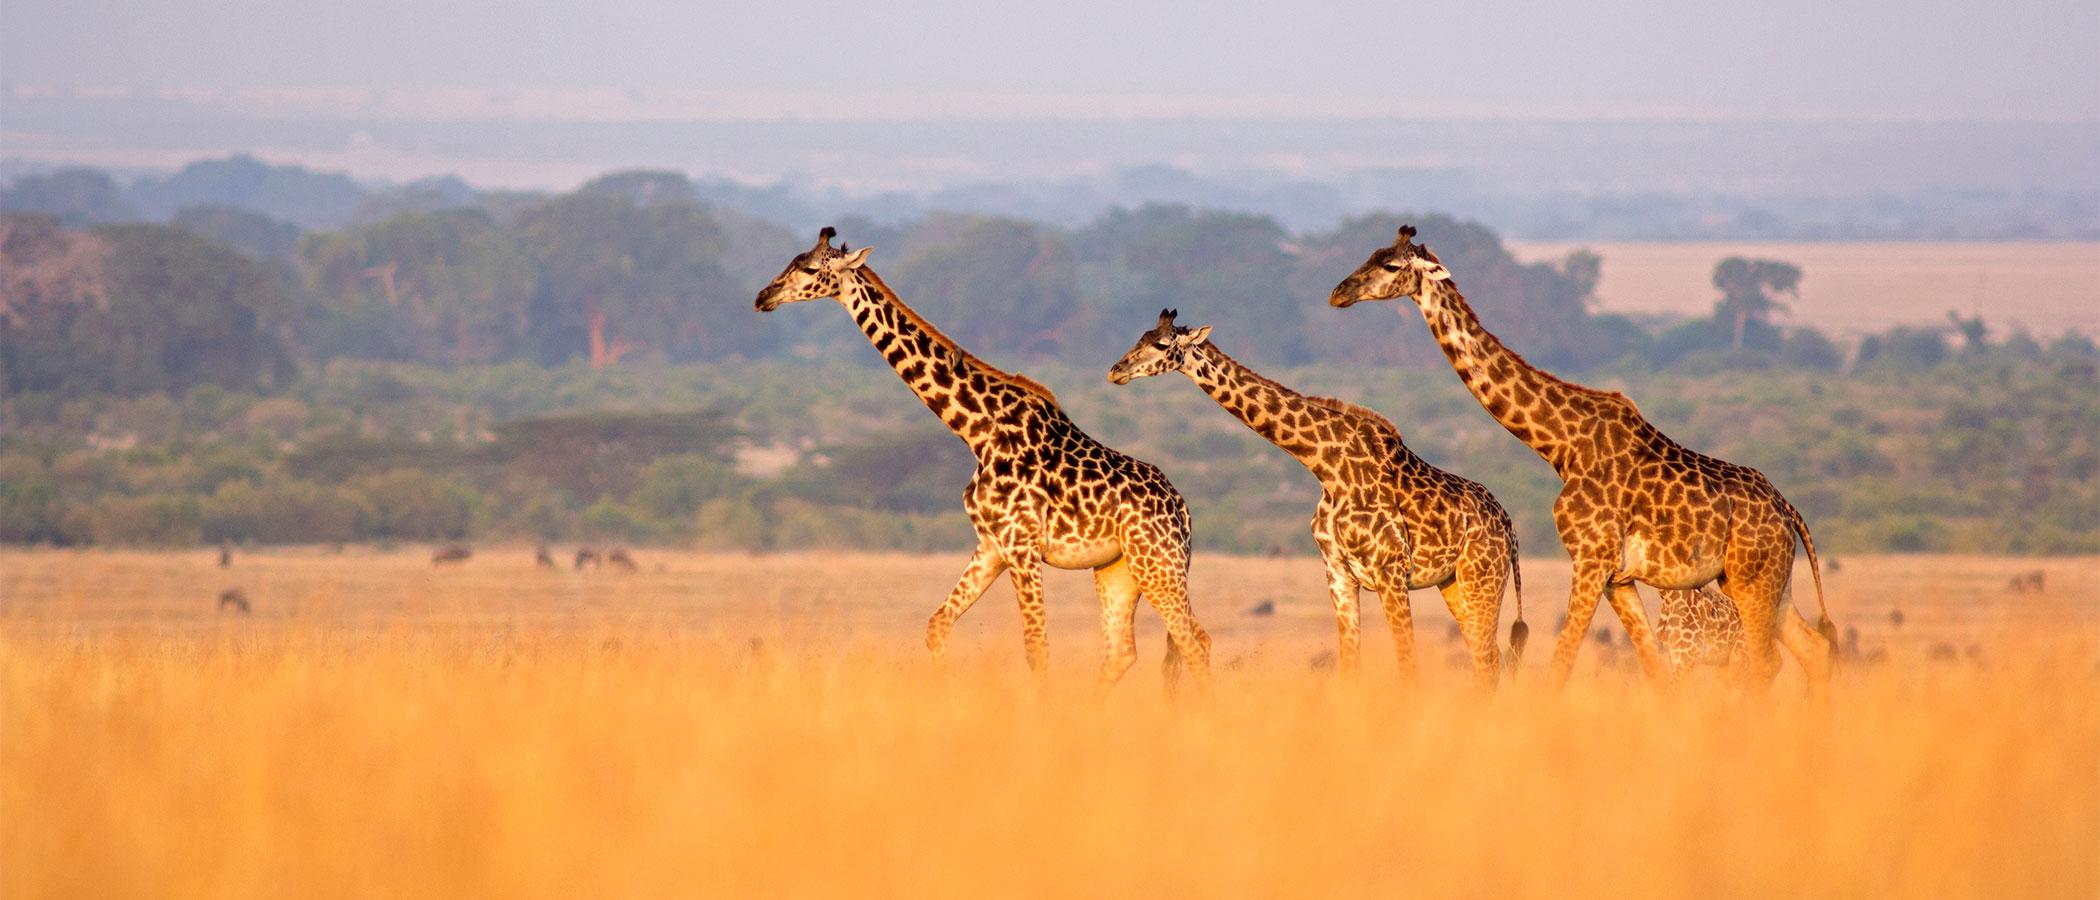 Giraffe on the grasslands of Masai Mara, Kenya